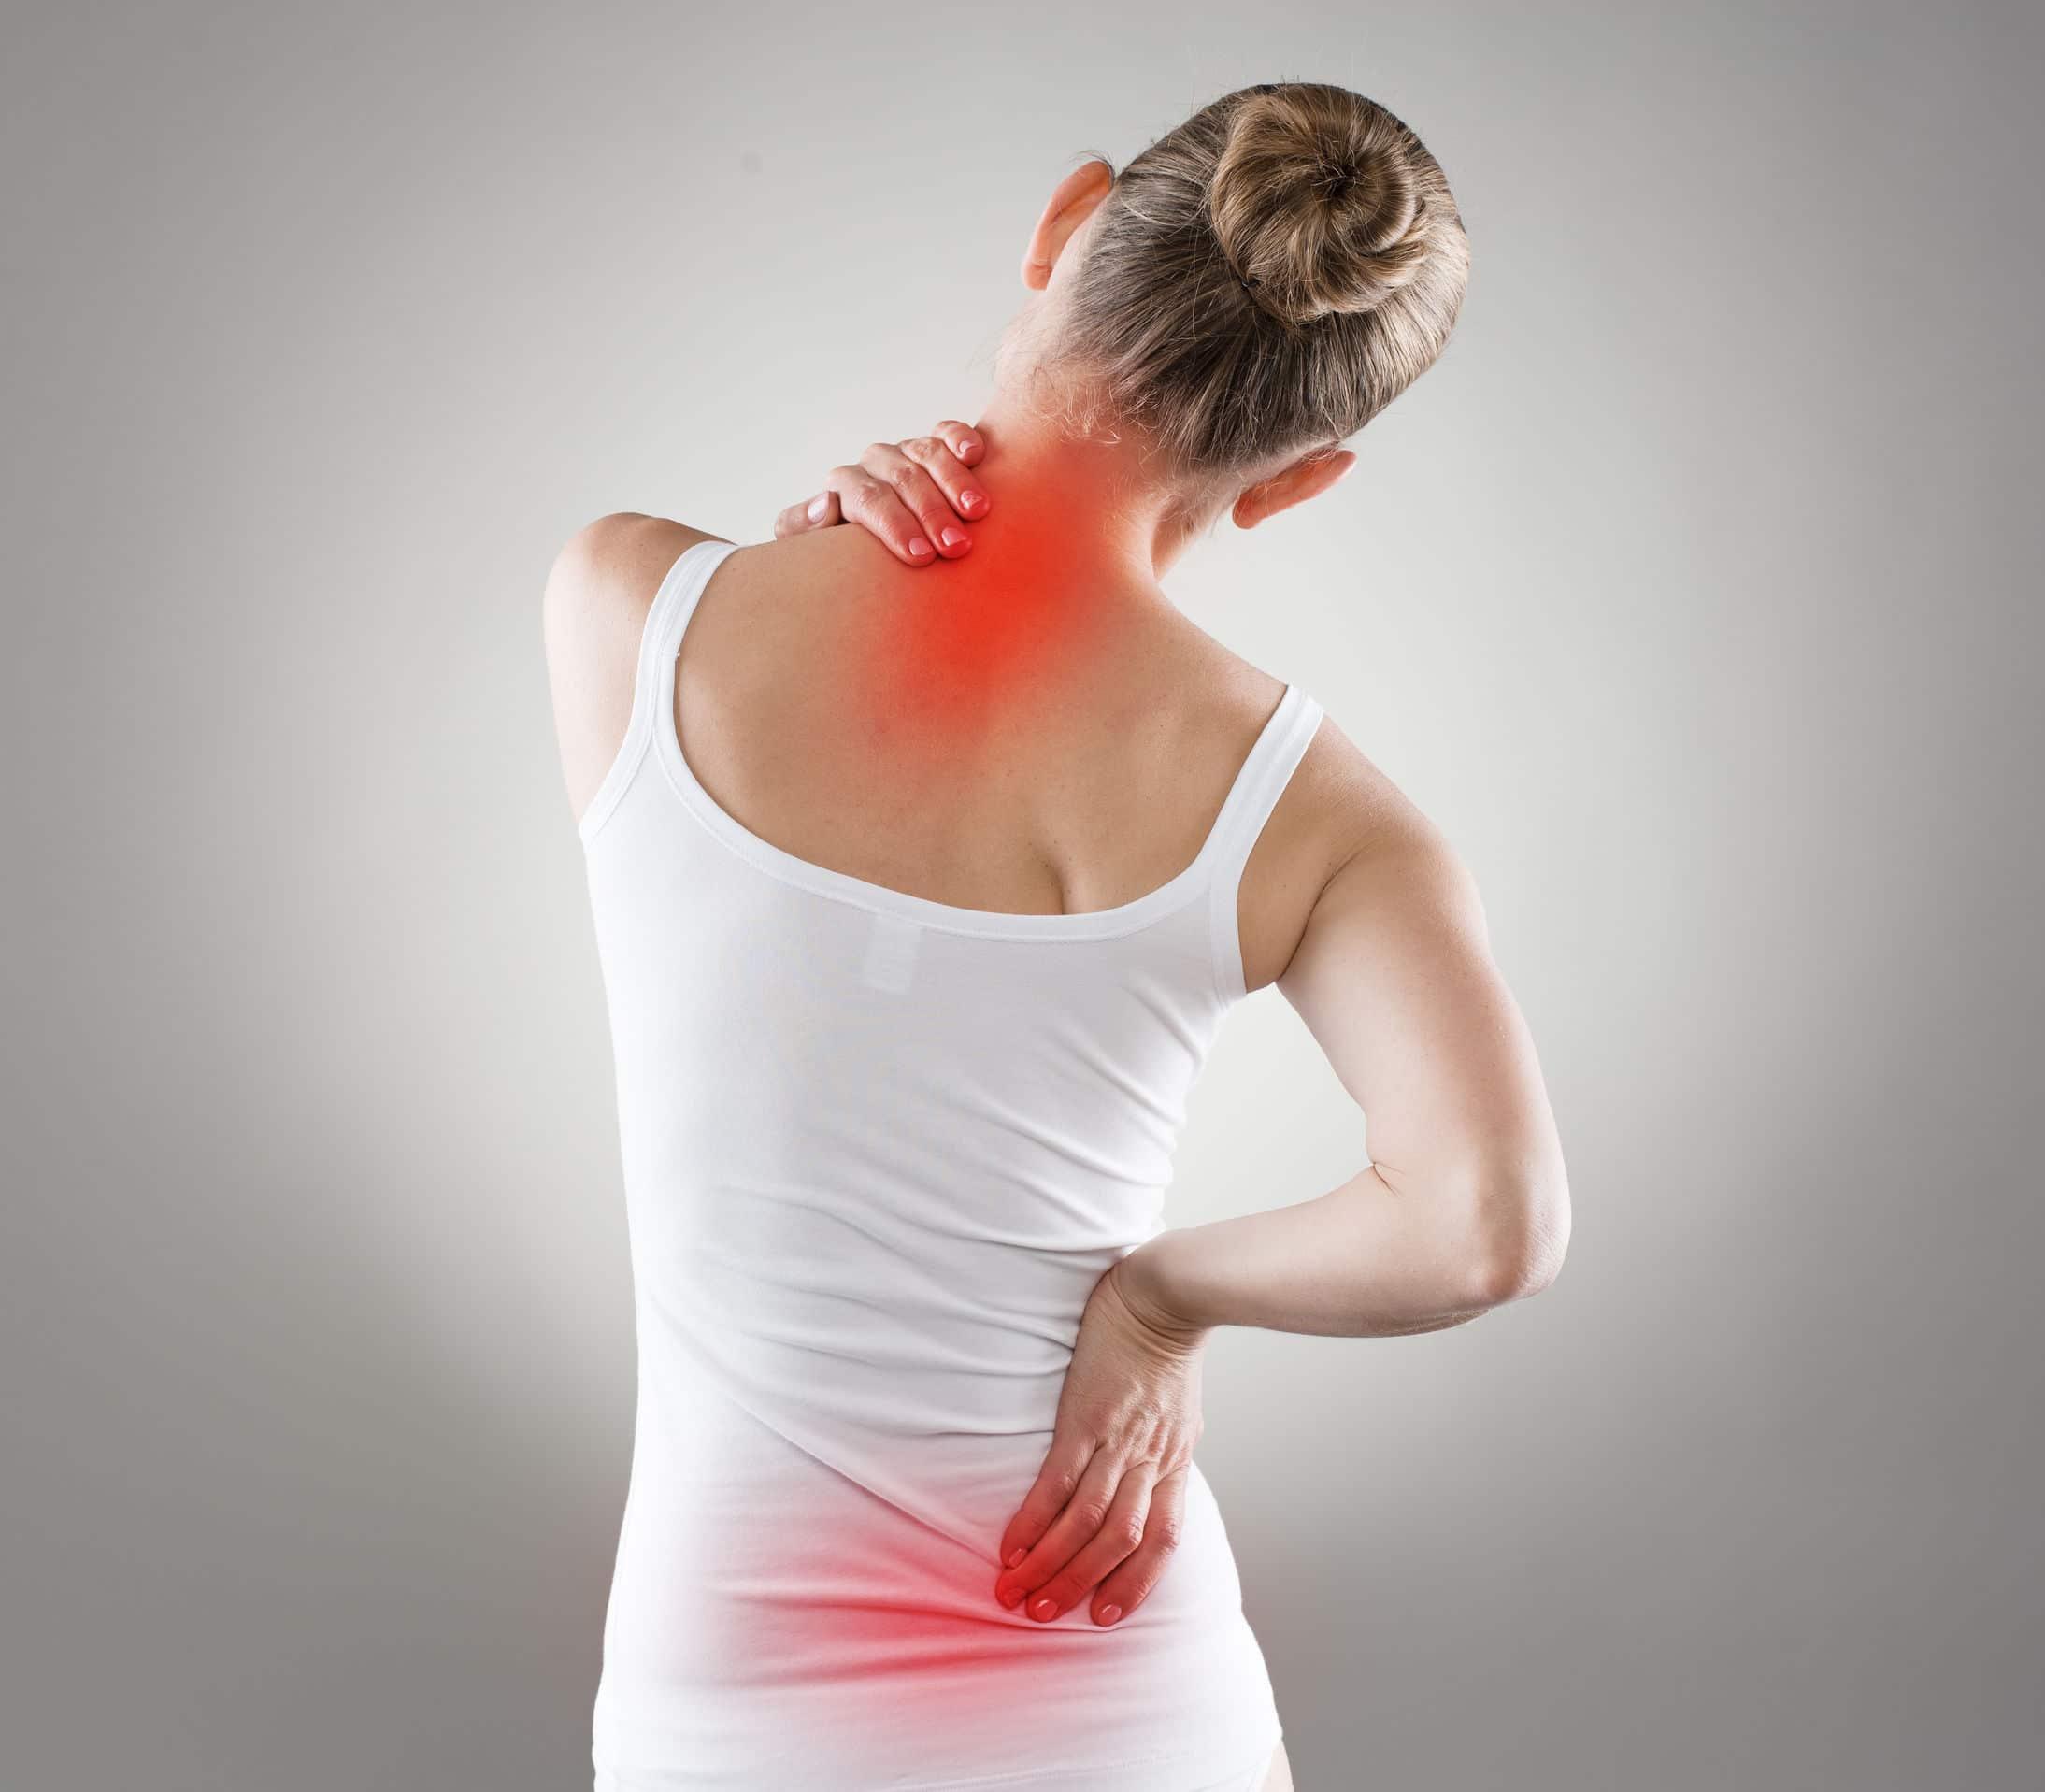 Mulher de costas, apoiando uma de suas mãos no pescoço e outra na sua lombar, demonstrando estar com dor, em frente à um fundo branco.